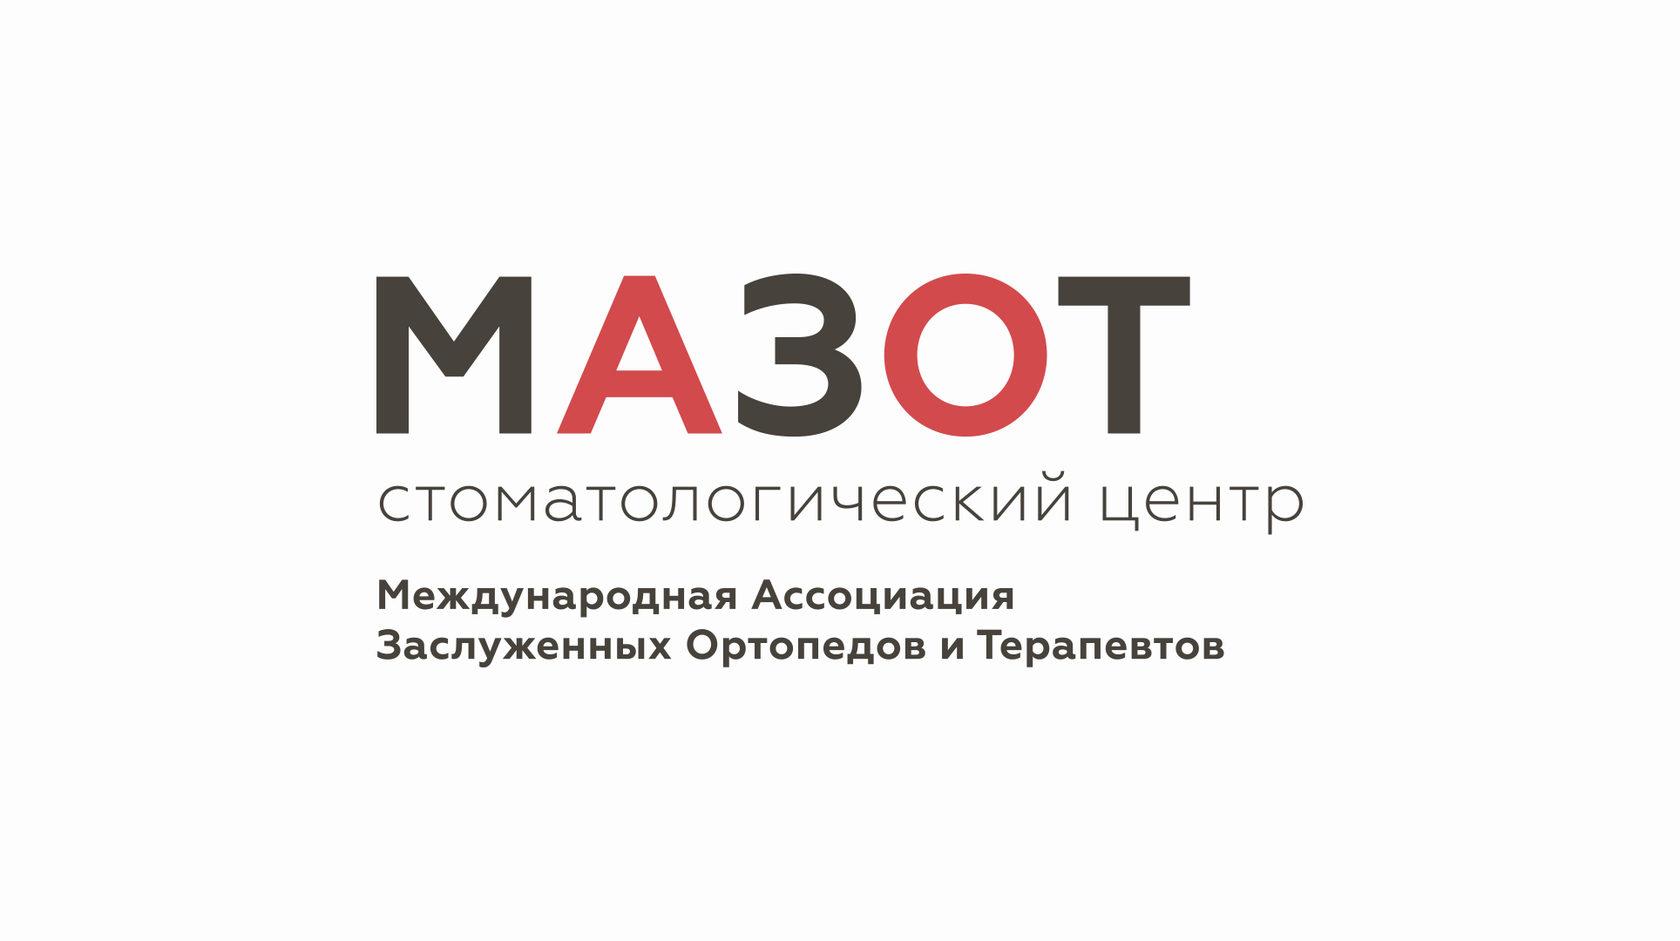 www.promo-mazot.ru